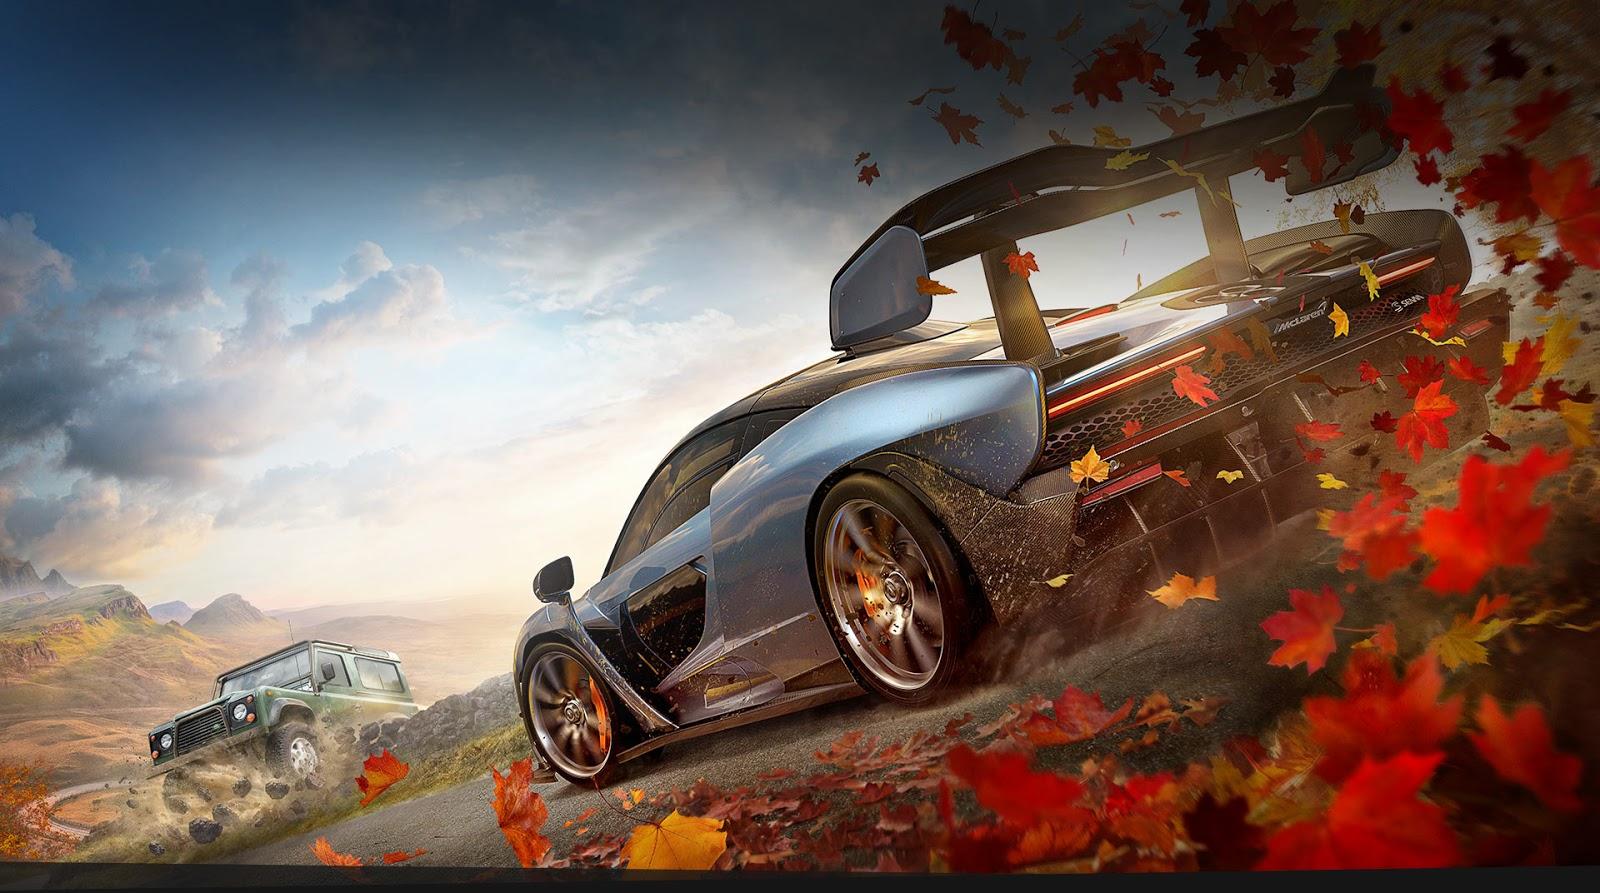 كل ما تحتاج معرفته حول لعبة Forza Horizon 4